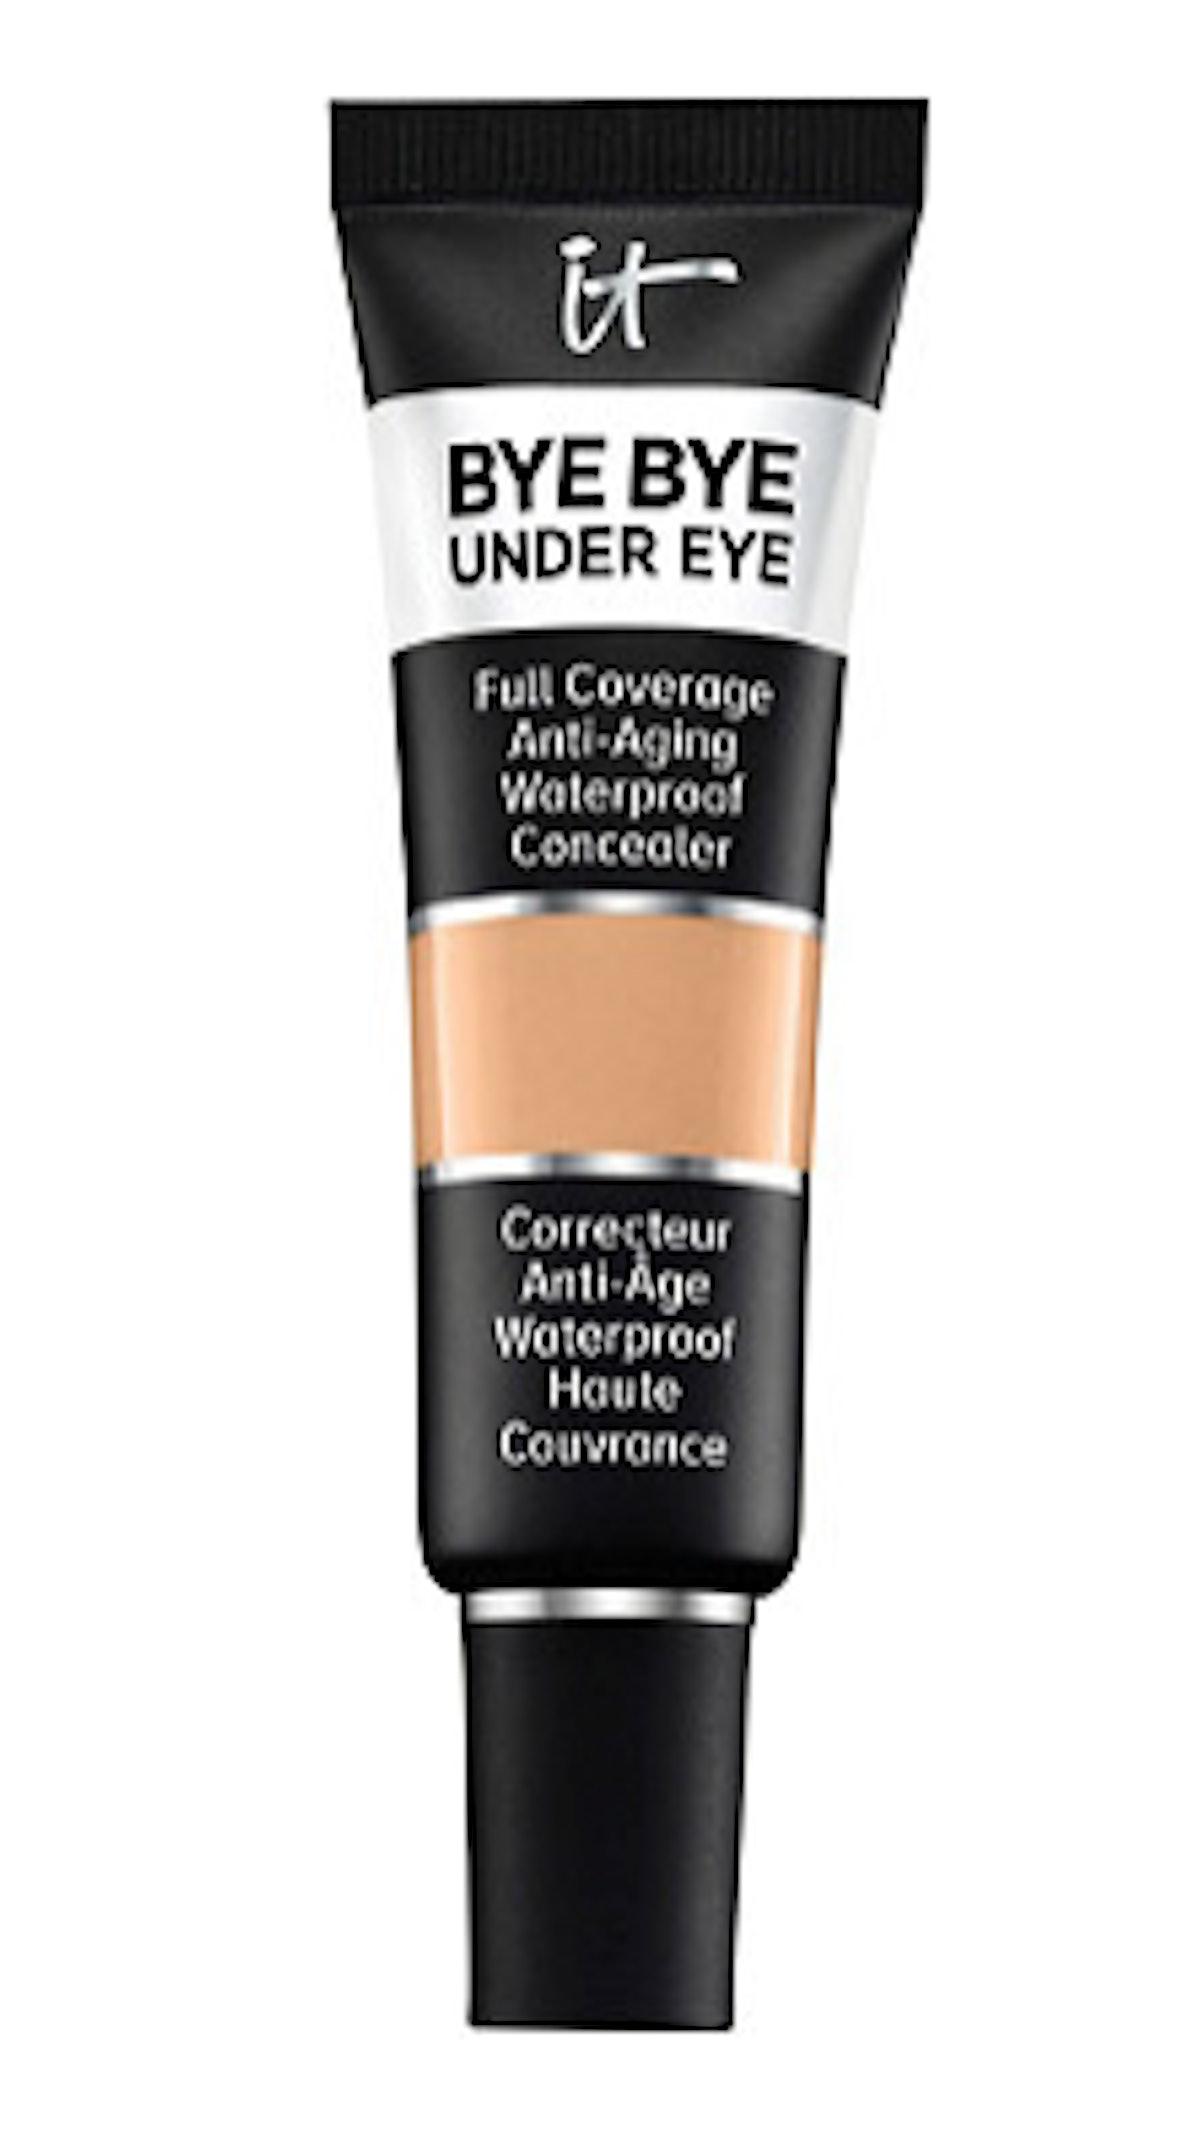 It Cosmetics Bye Bye Under Eye Full Coverage Waterproof Concealer